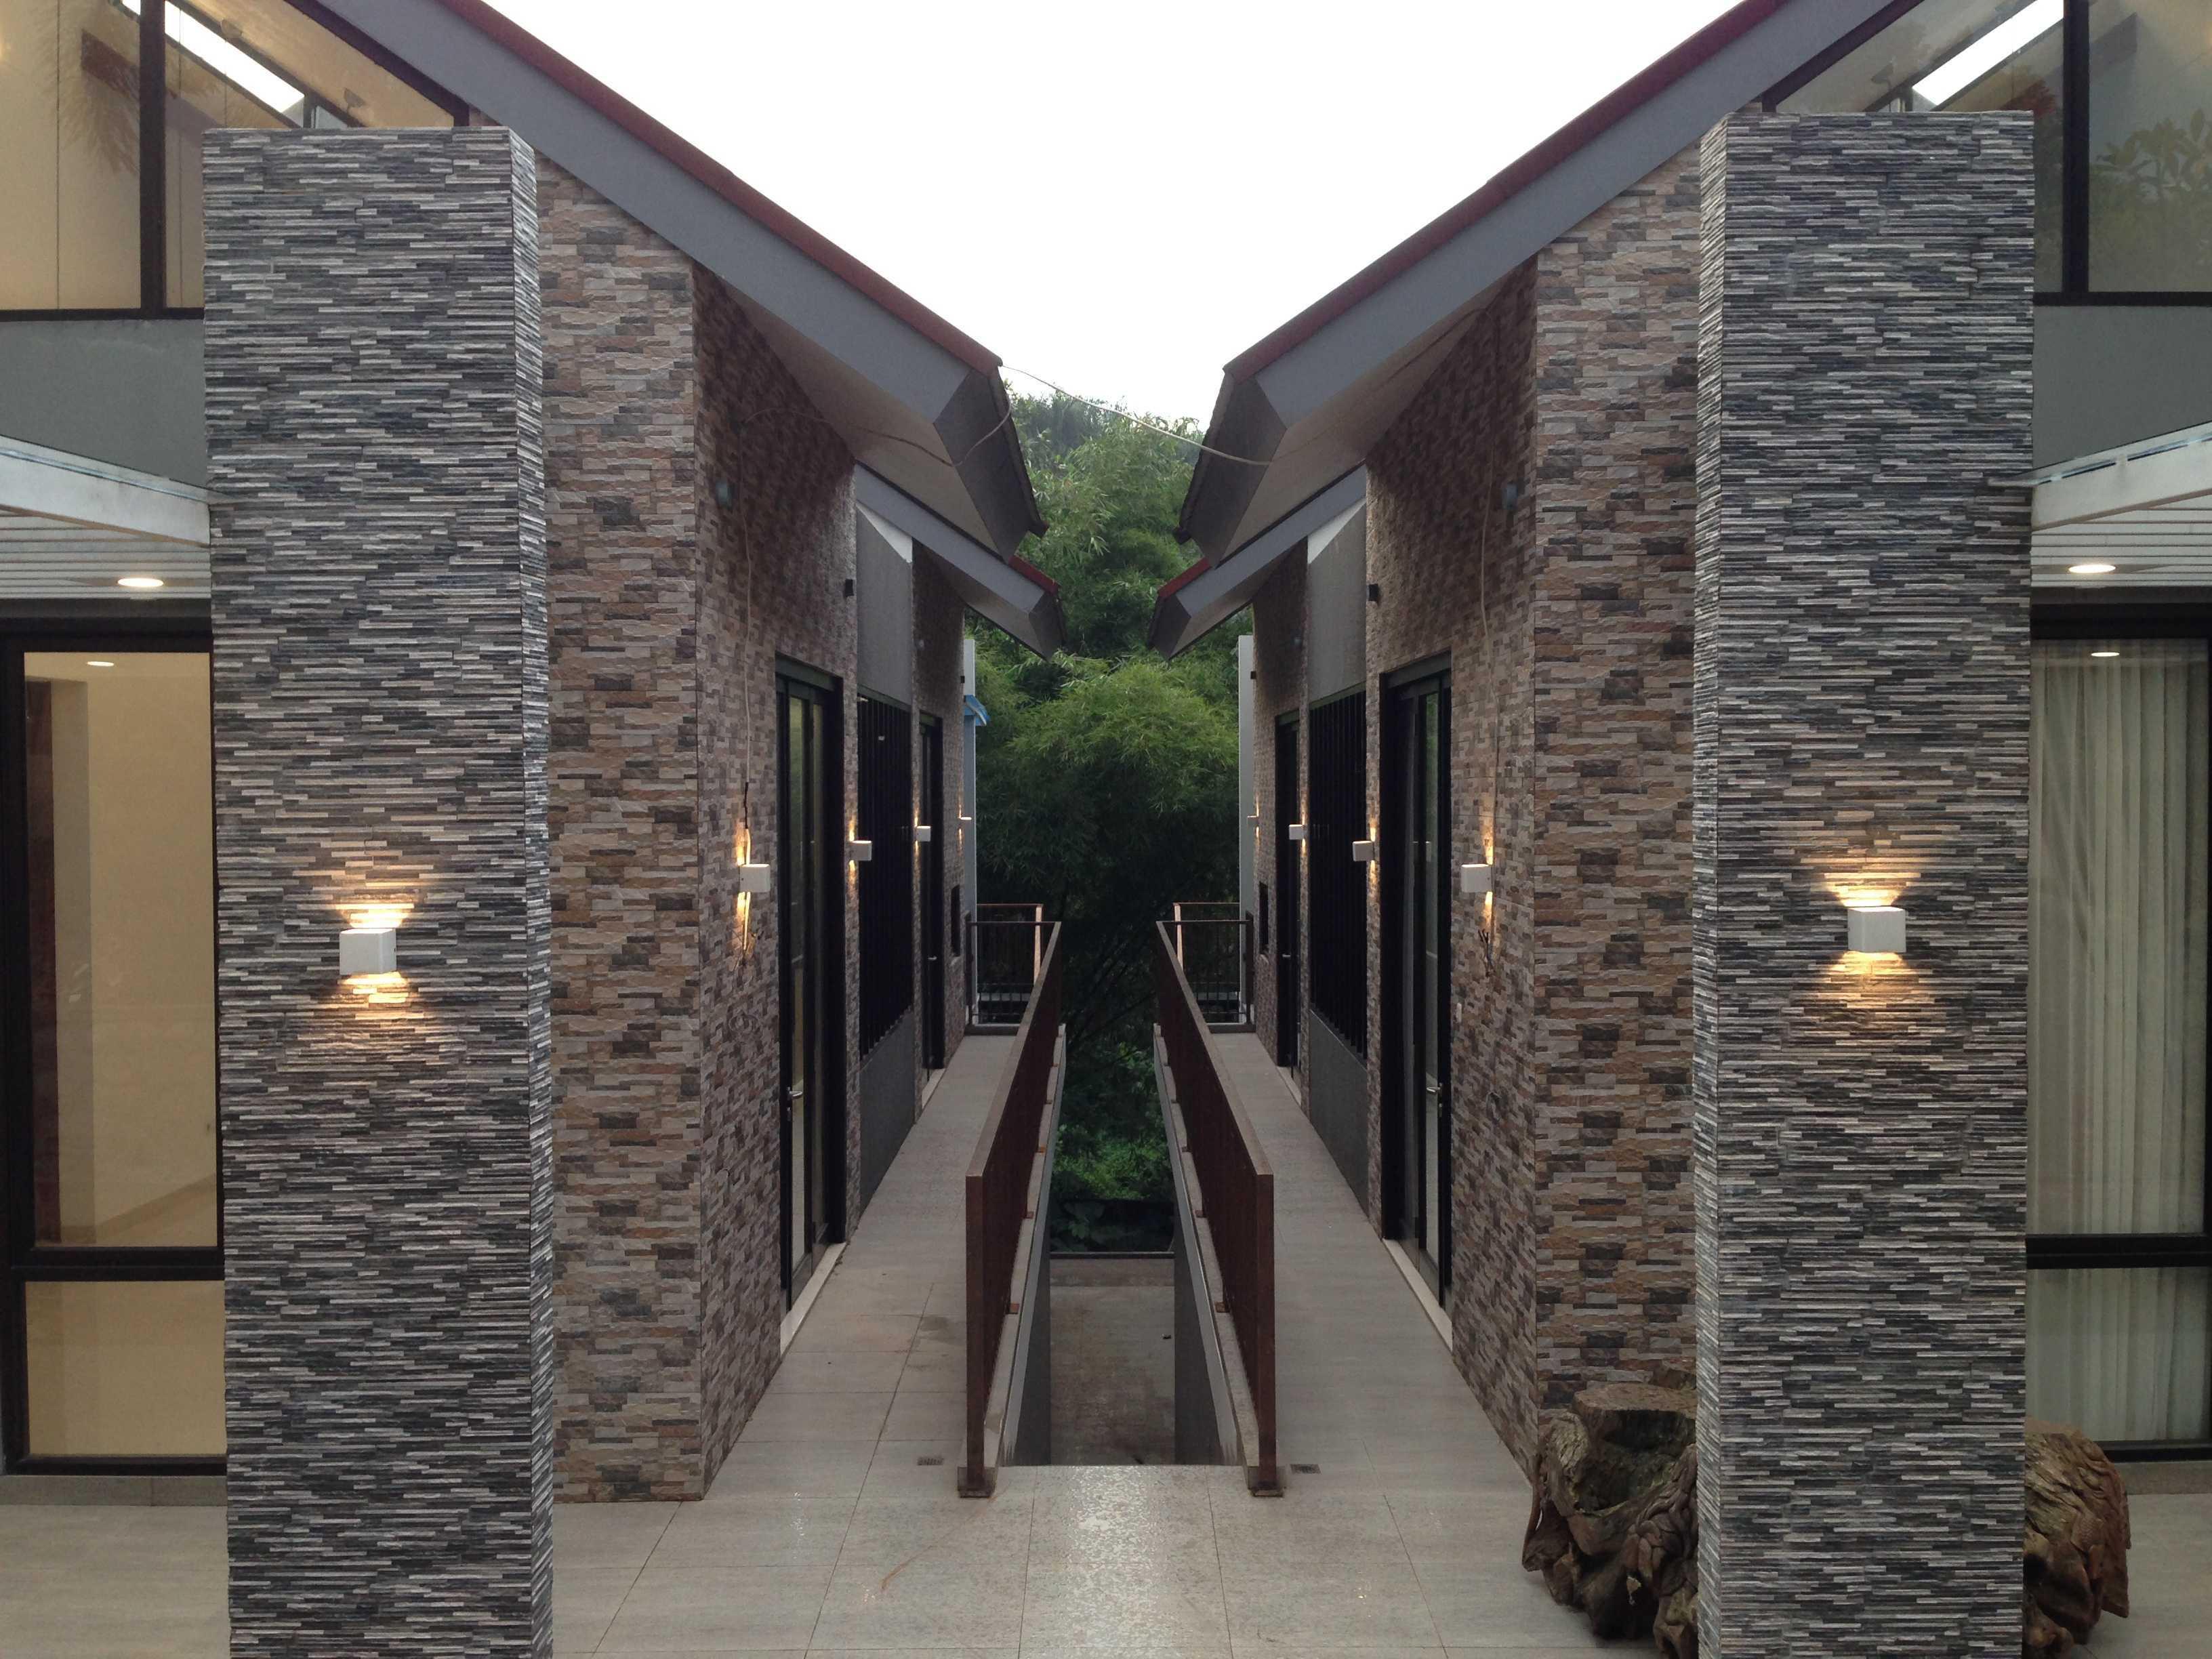 Pda Arsitek Rumah Kamboja Depok, Kota Depok, Jawa Barat, Indonesia Depok, Kota Depok, Jawa Barat, Indonesia Corridor Modern  39627